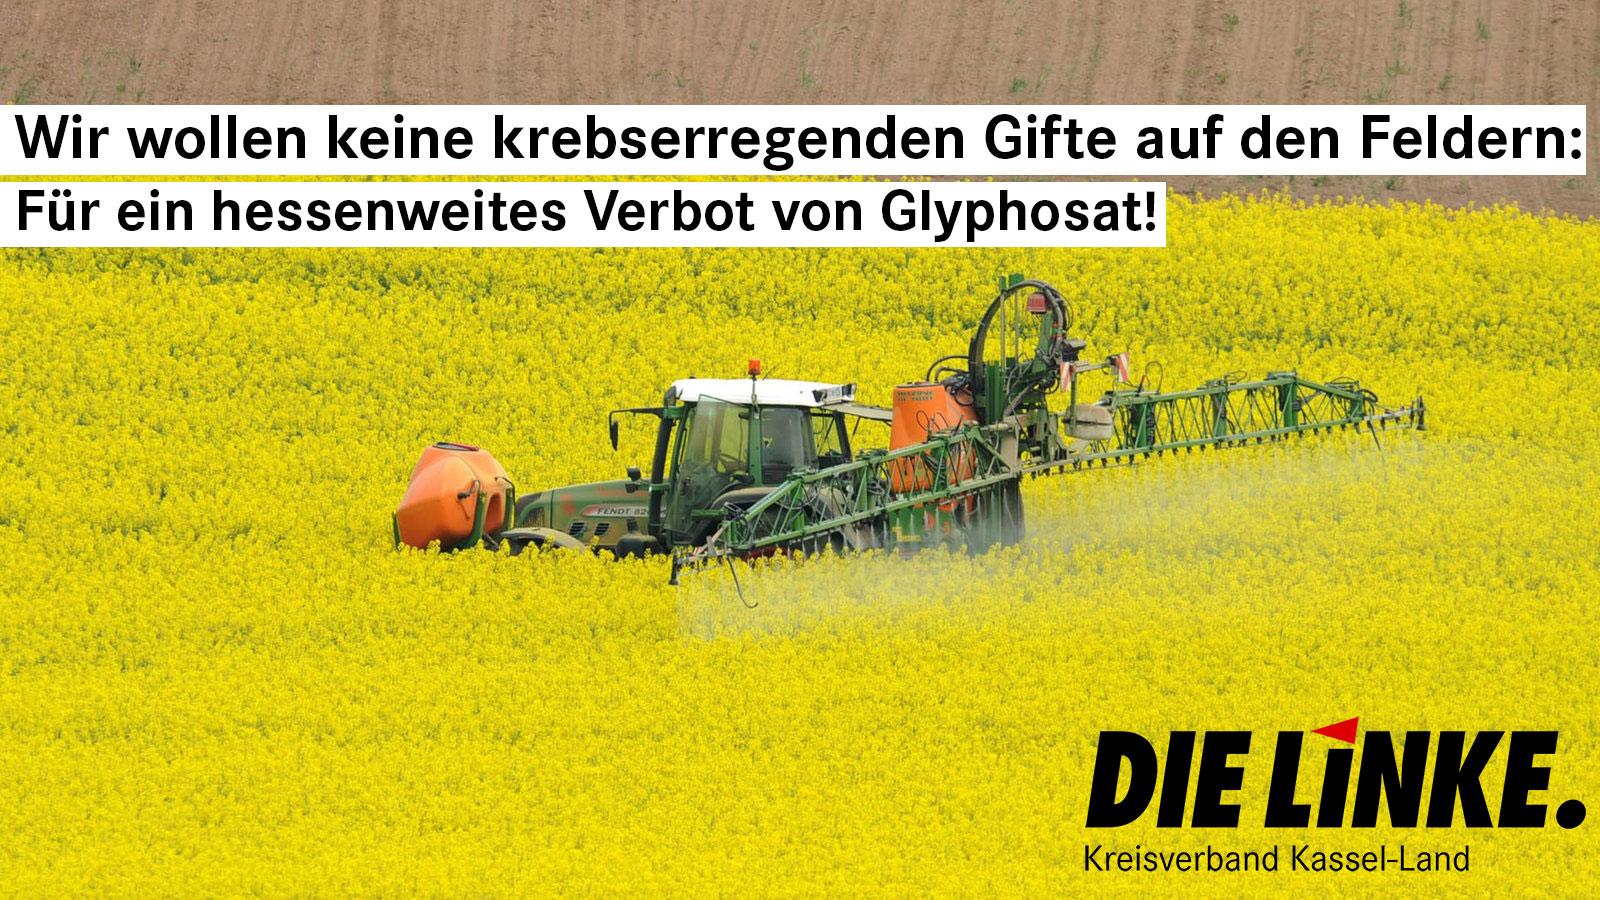 Glyphosat tötet – erst alles Grün und Leben auf dem Acker, dann gelangt es in unsere Gewässer und in unsere Lebensmittel!